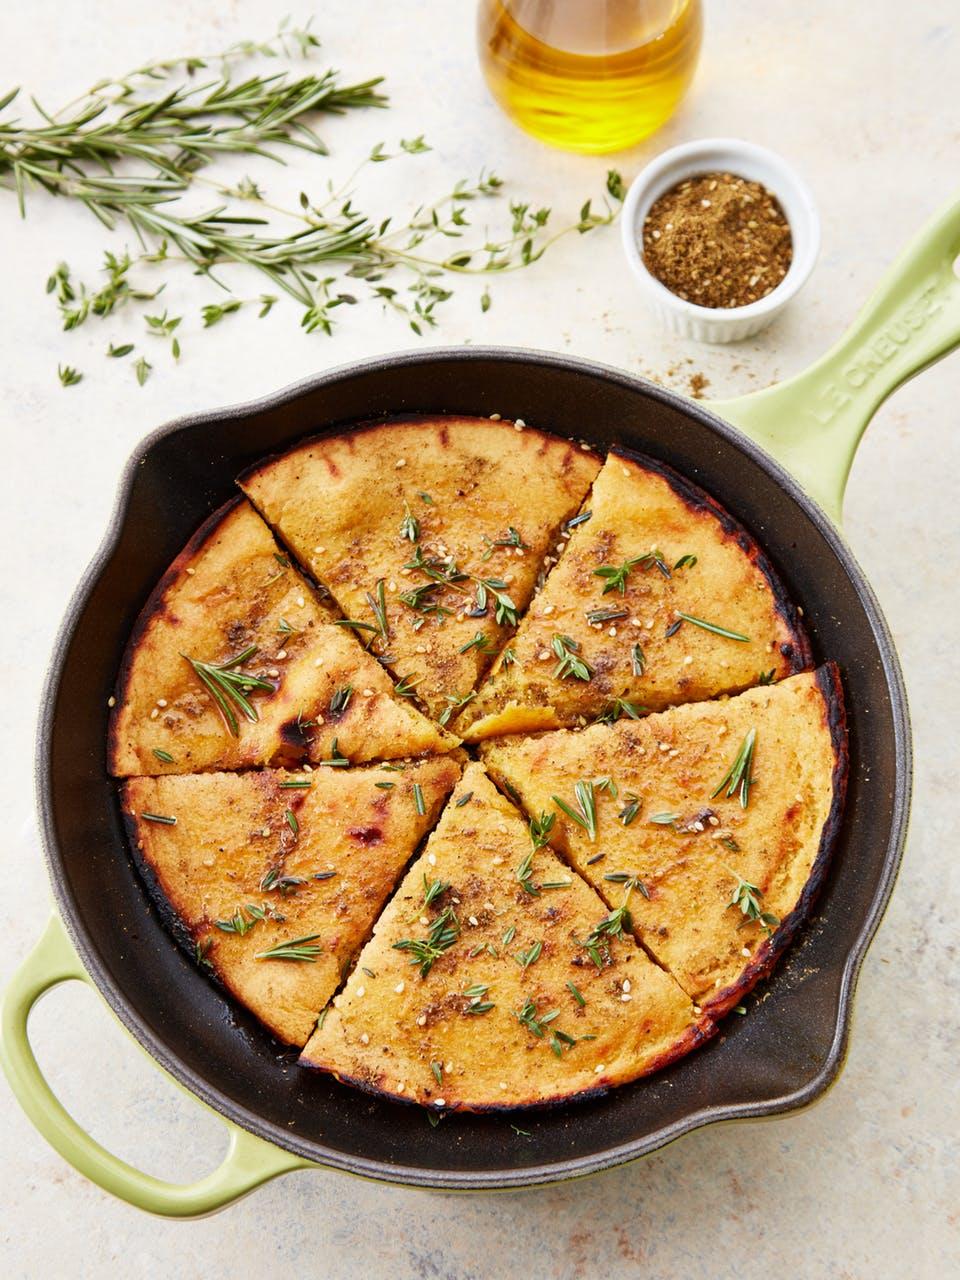 Low Carb Rezepte mit Kichererbsenmehl: Low Carb Brot selber machen